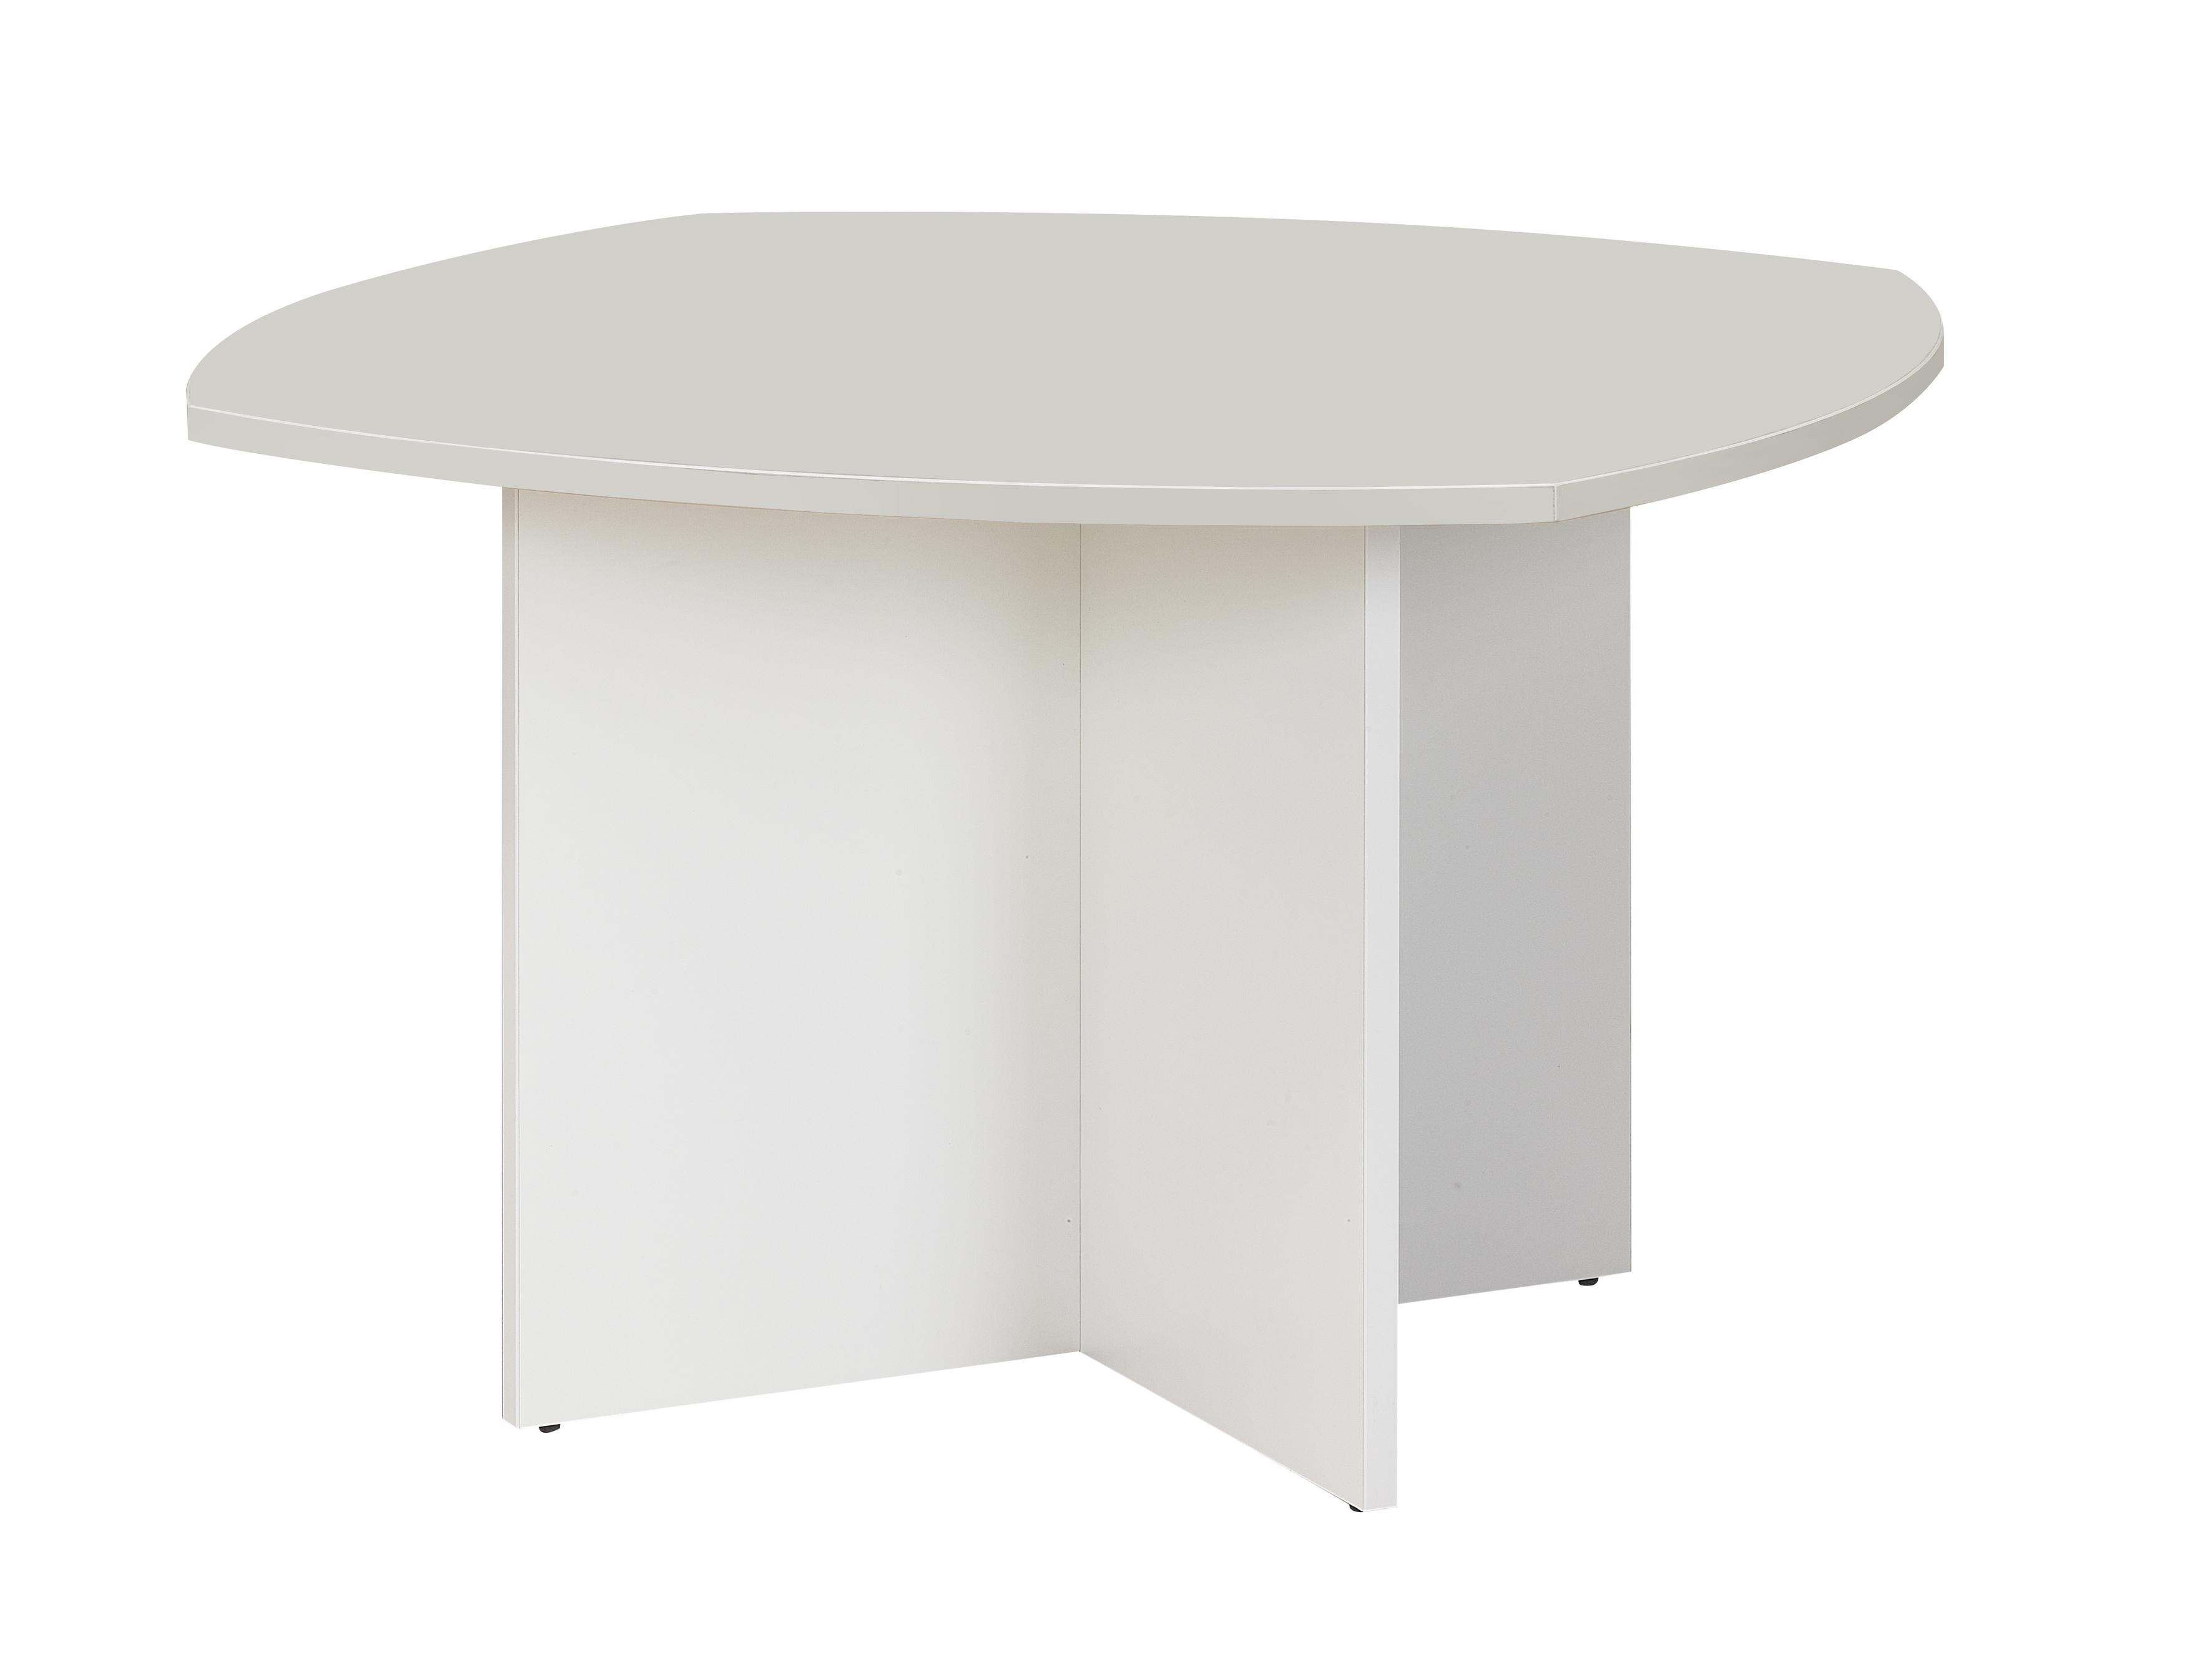 Table de réunion SUNDAY - Cotés arrondis - L115 x H74 x P115 - Gris